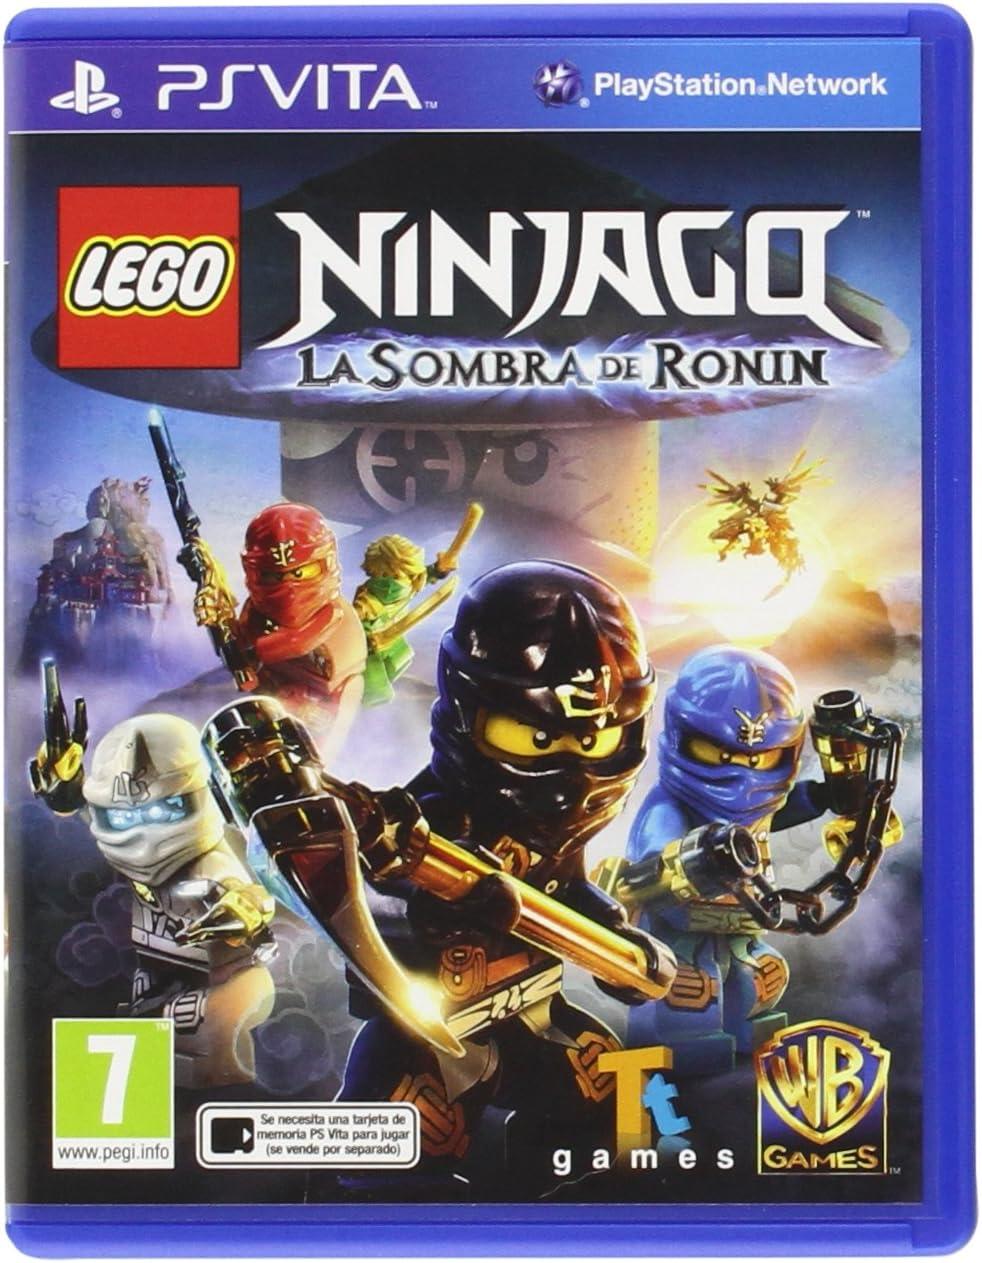 PS Vita Spiel LEGO Ninjago - Schatten des Ronin für Playstation PSV NEU